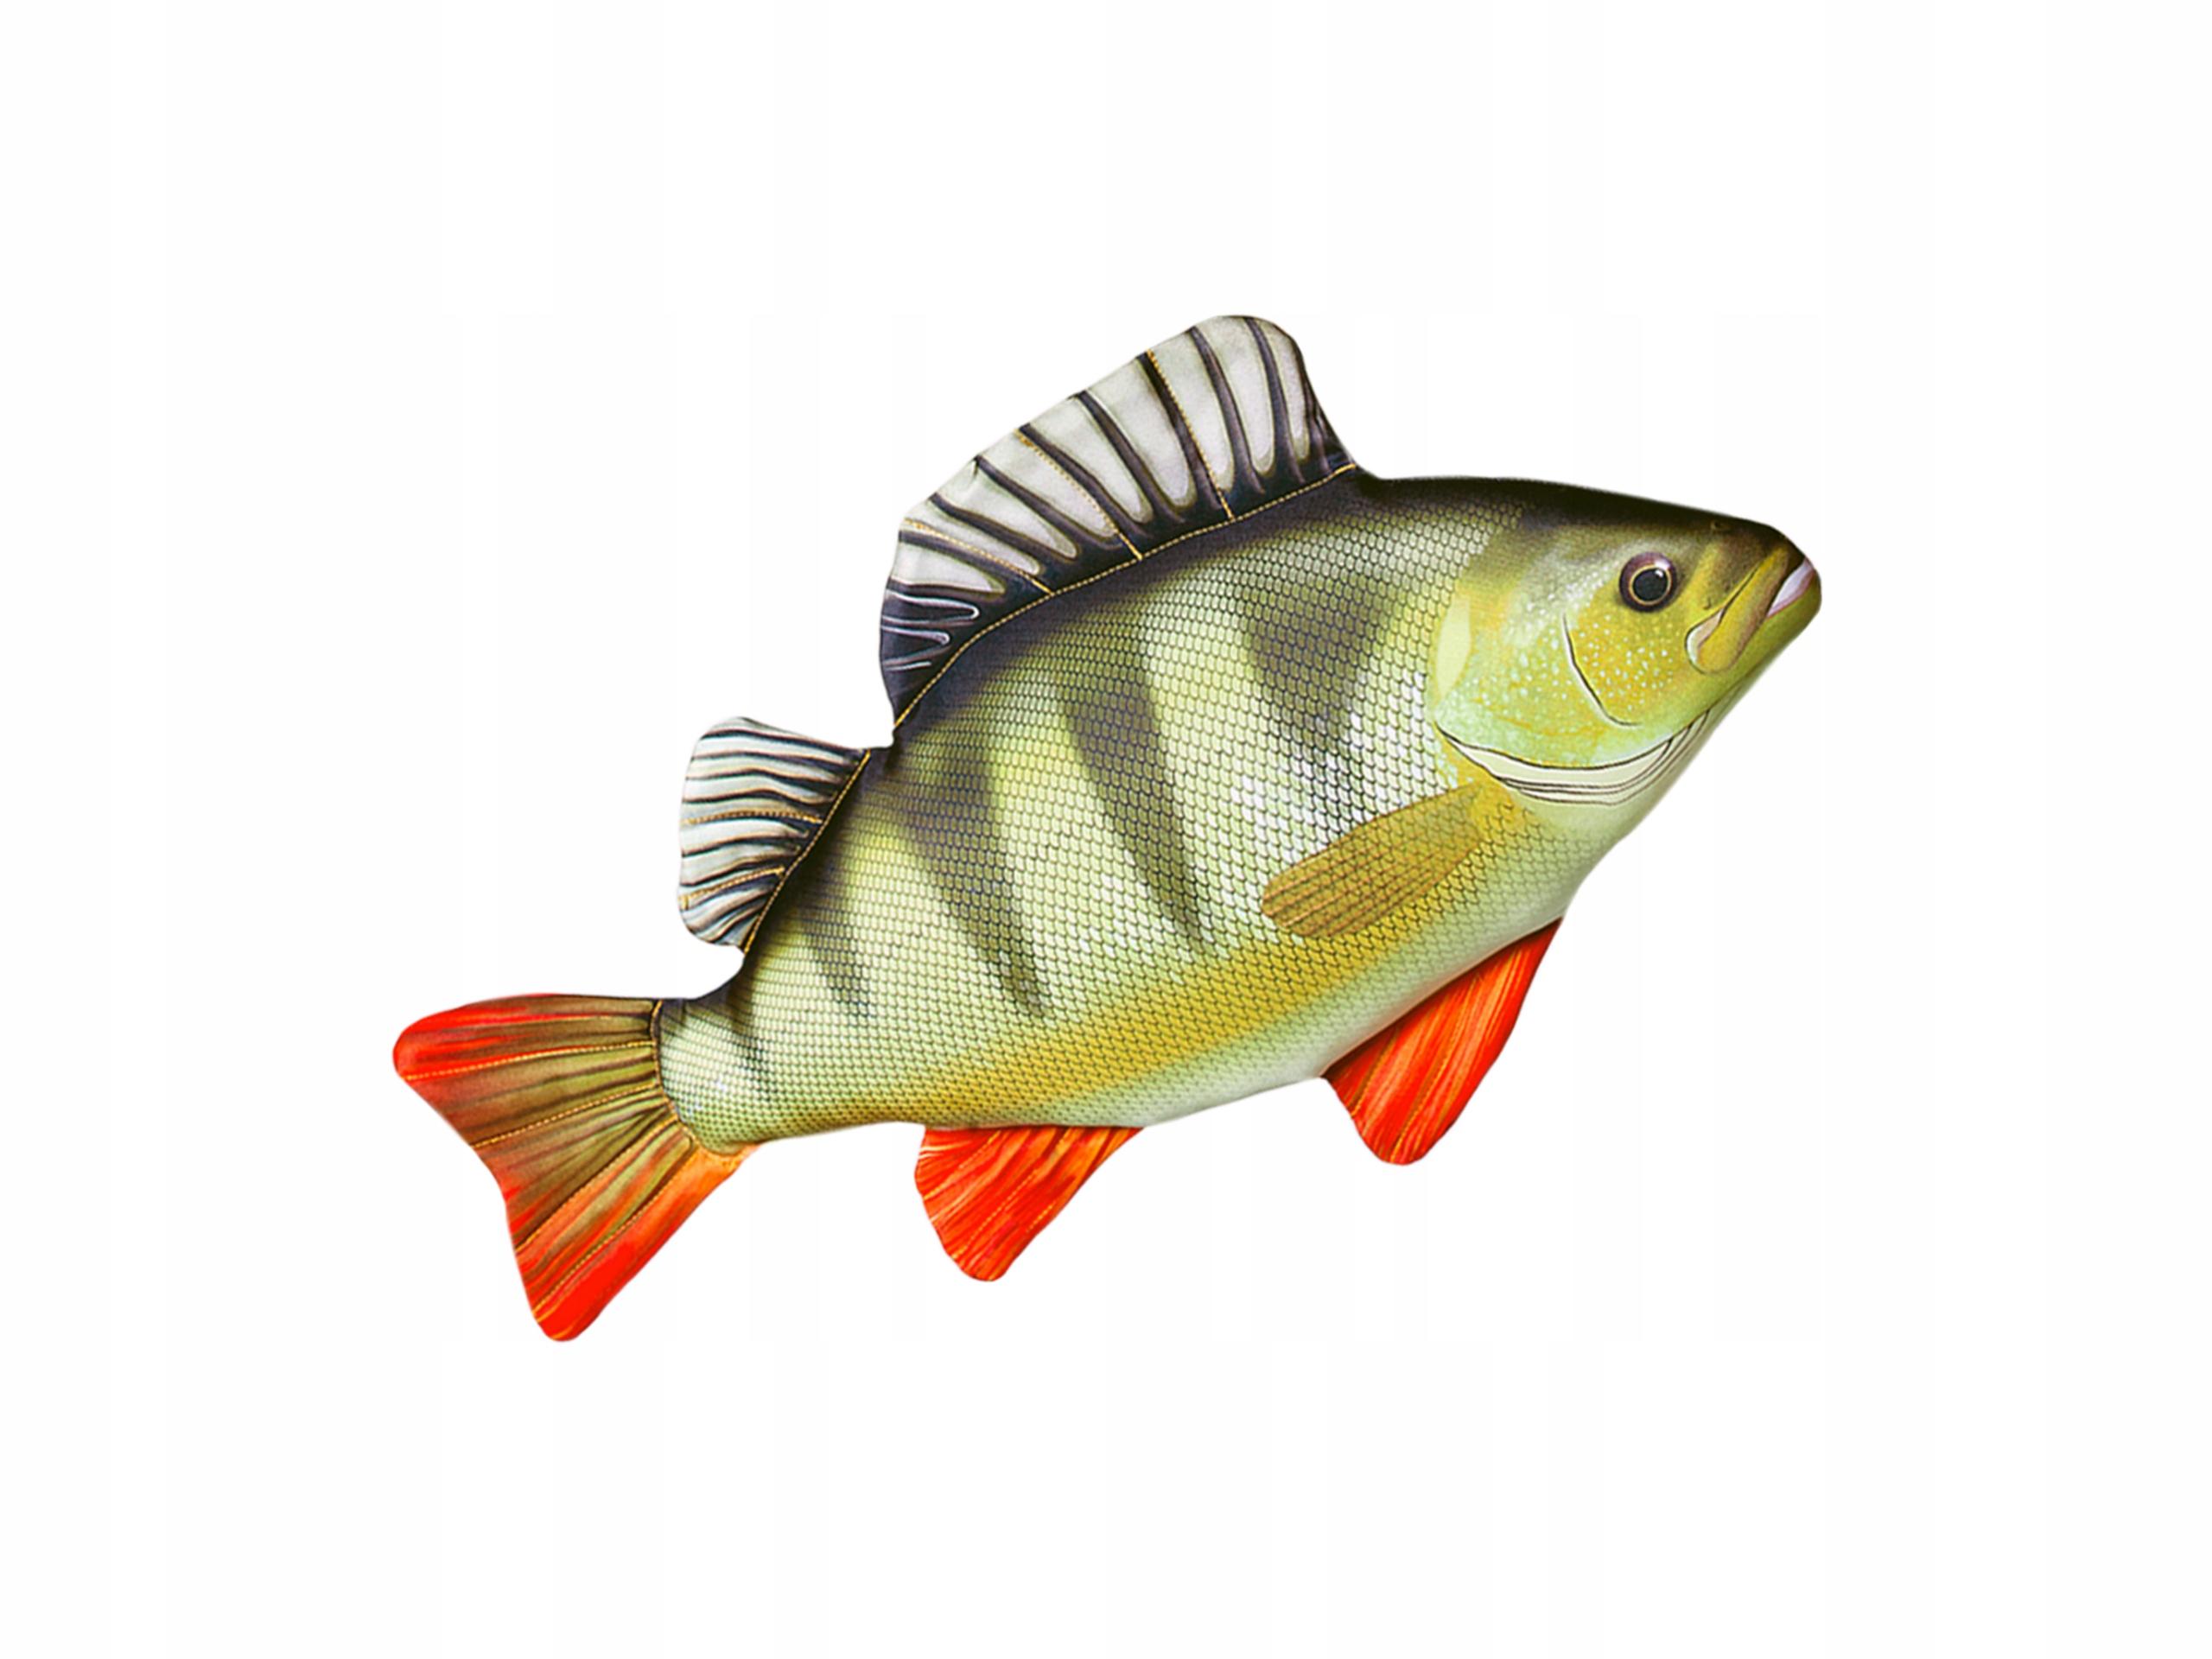 почему картинки рыба окунь на белом фоне такой шов